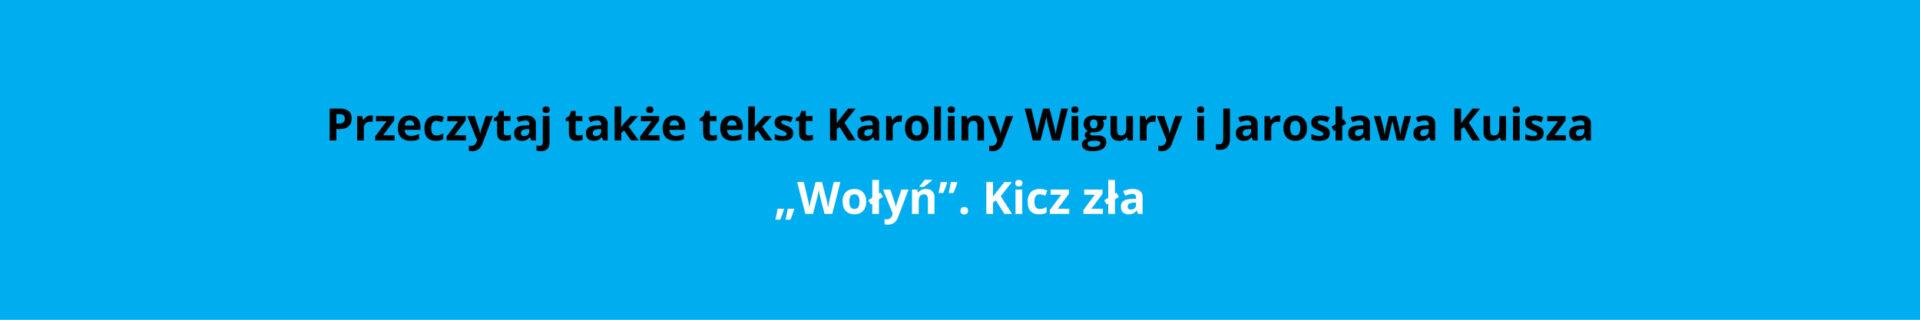 kicz_zla